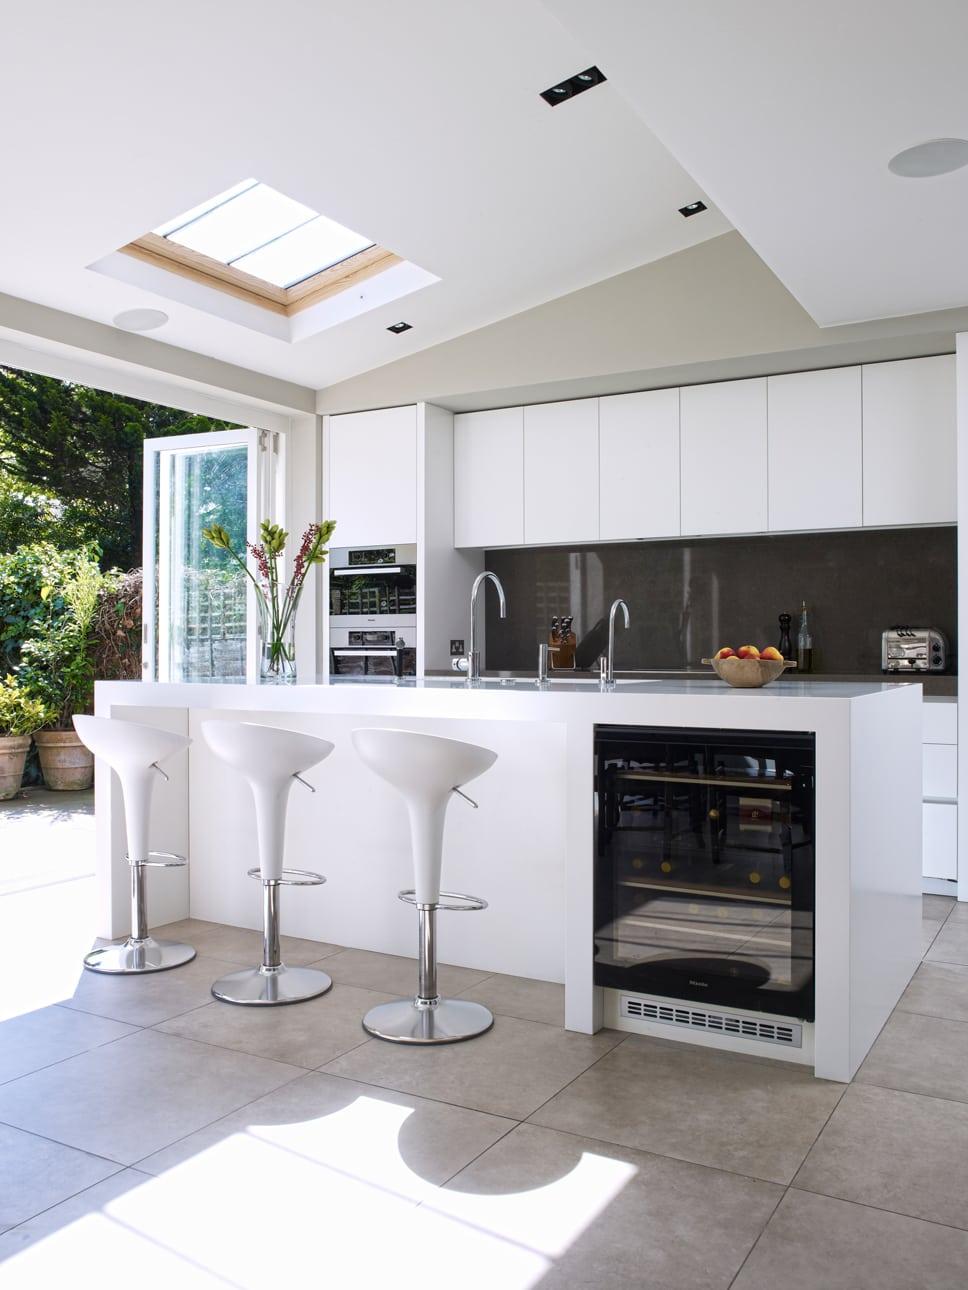 Esmund island concept with wine fridge